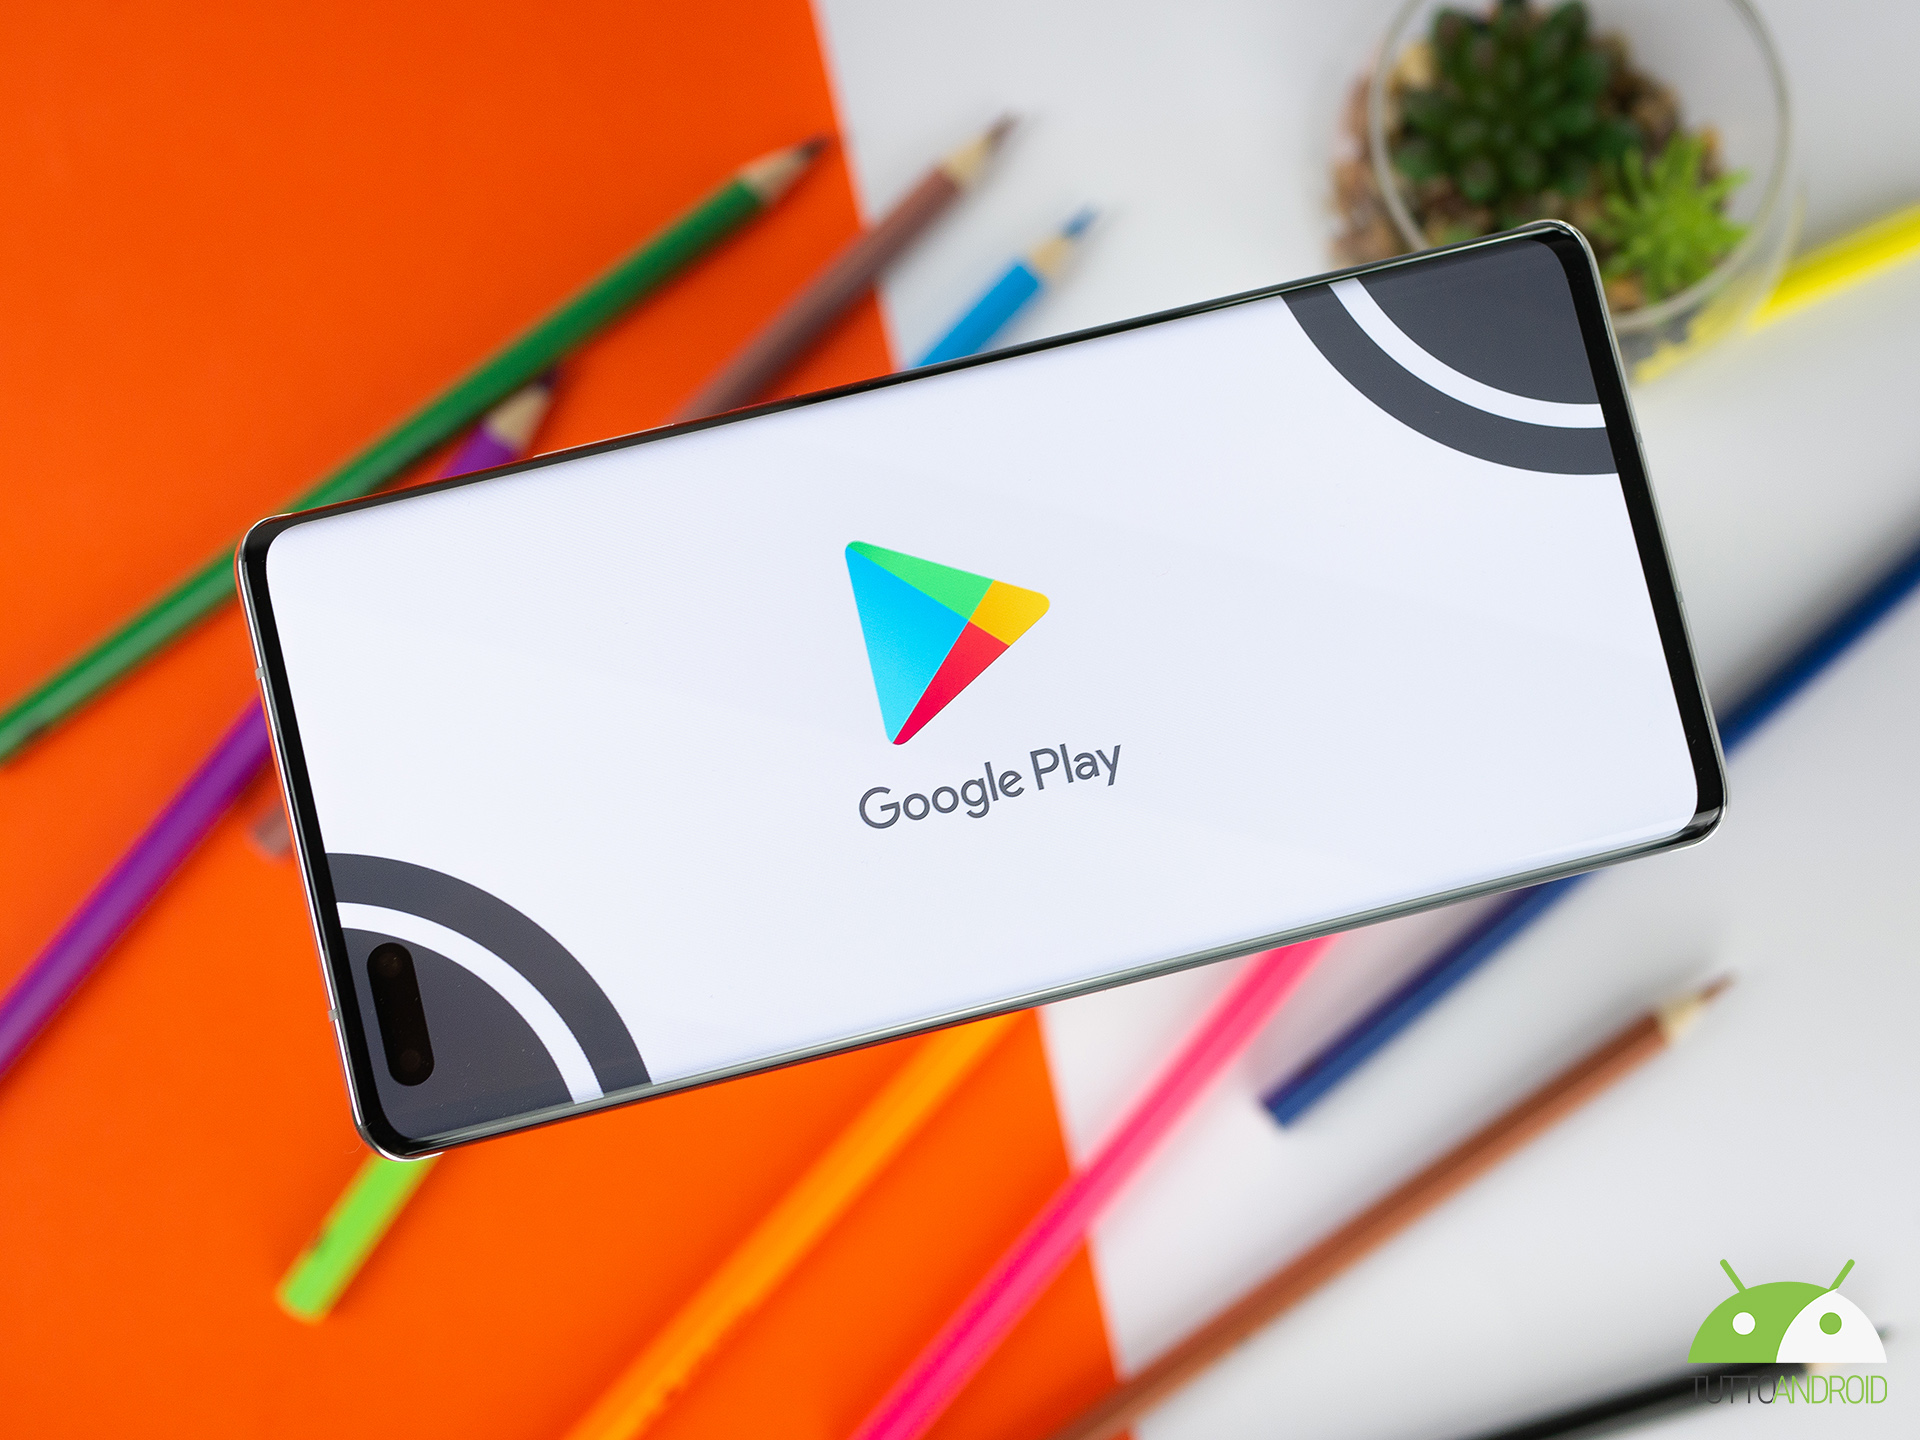 Google rimuove un'app dal Play Store per un motivo alquanto singolare